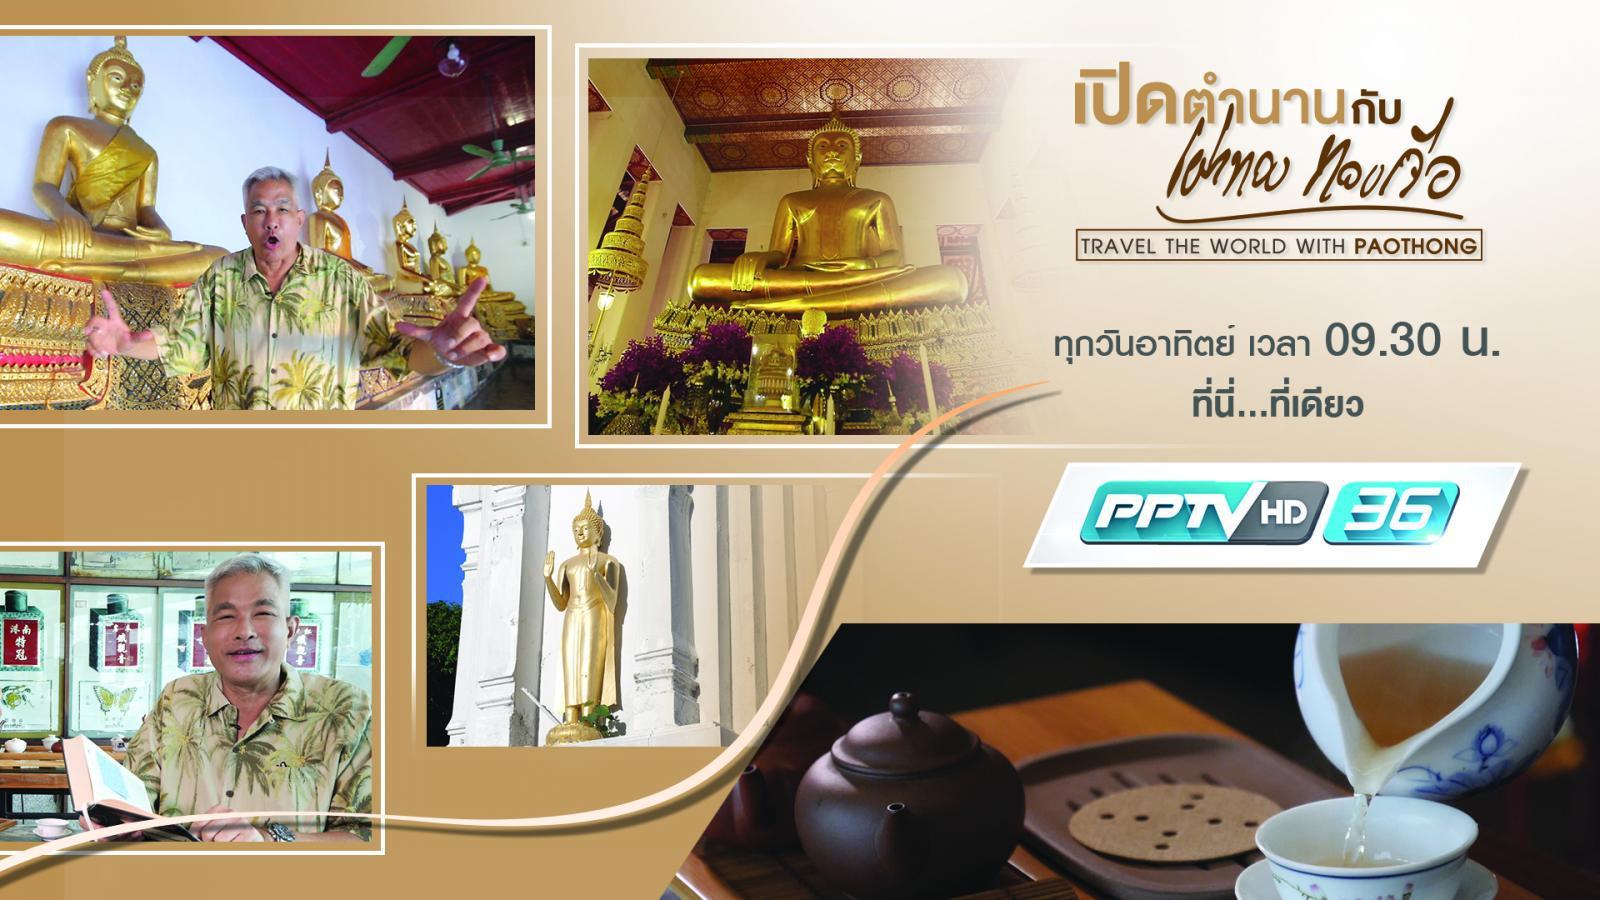 ไขความลับ…วัดมหาธาตุ 2 ประเทศไทย